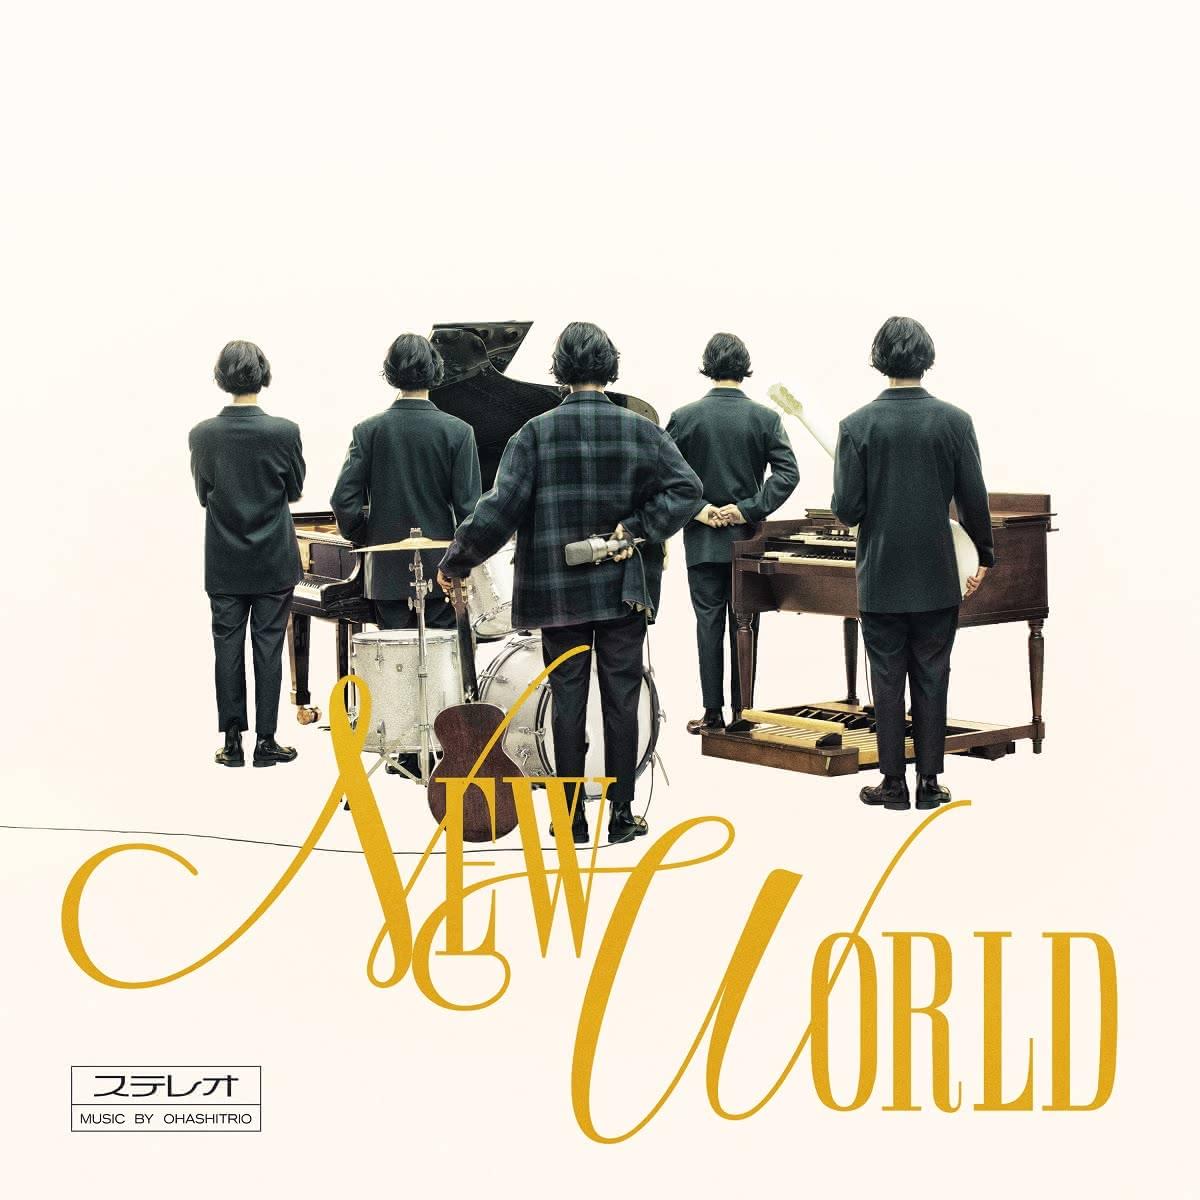 大橋トリオさん新譜・NEW WORLDジャケット写真